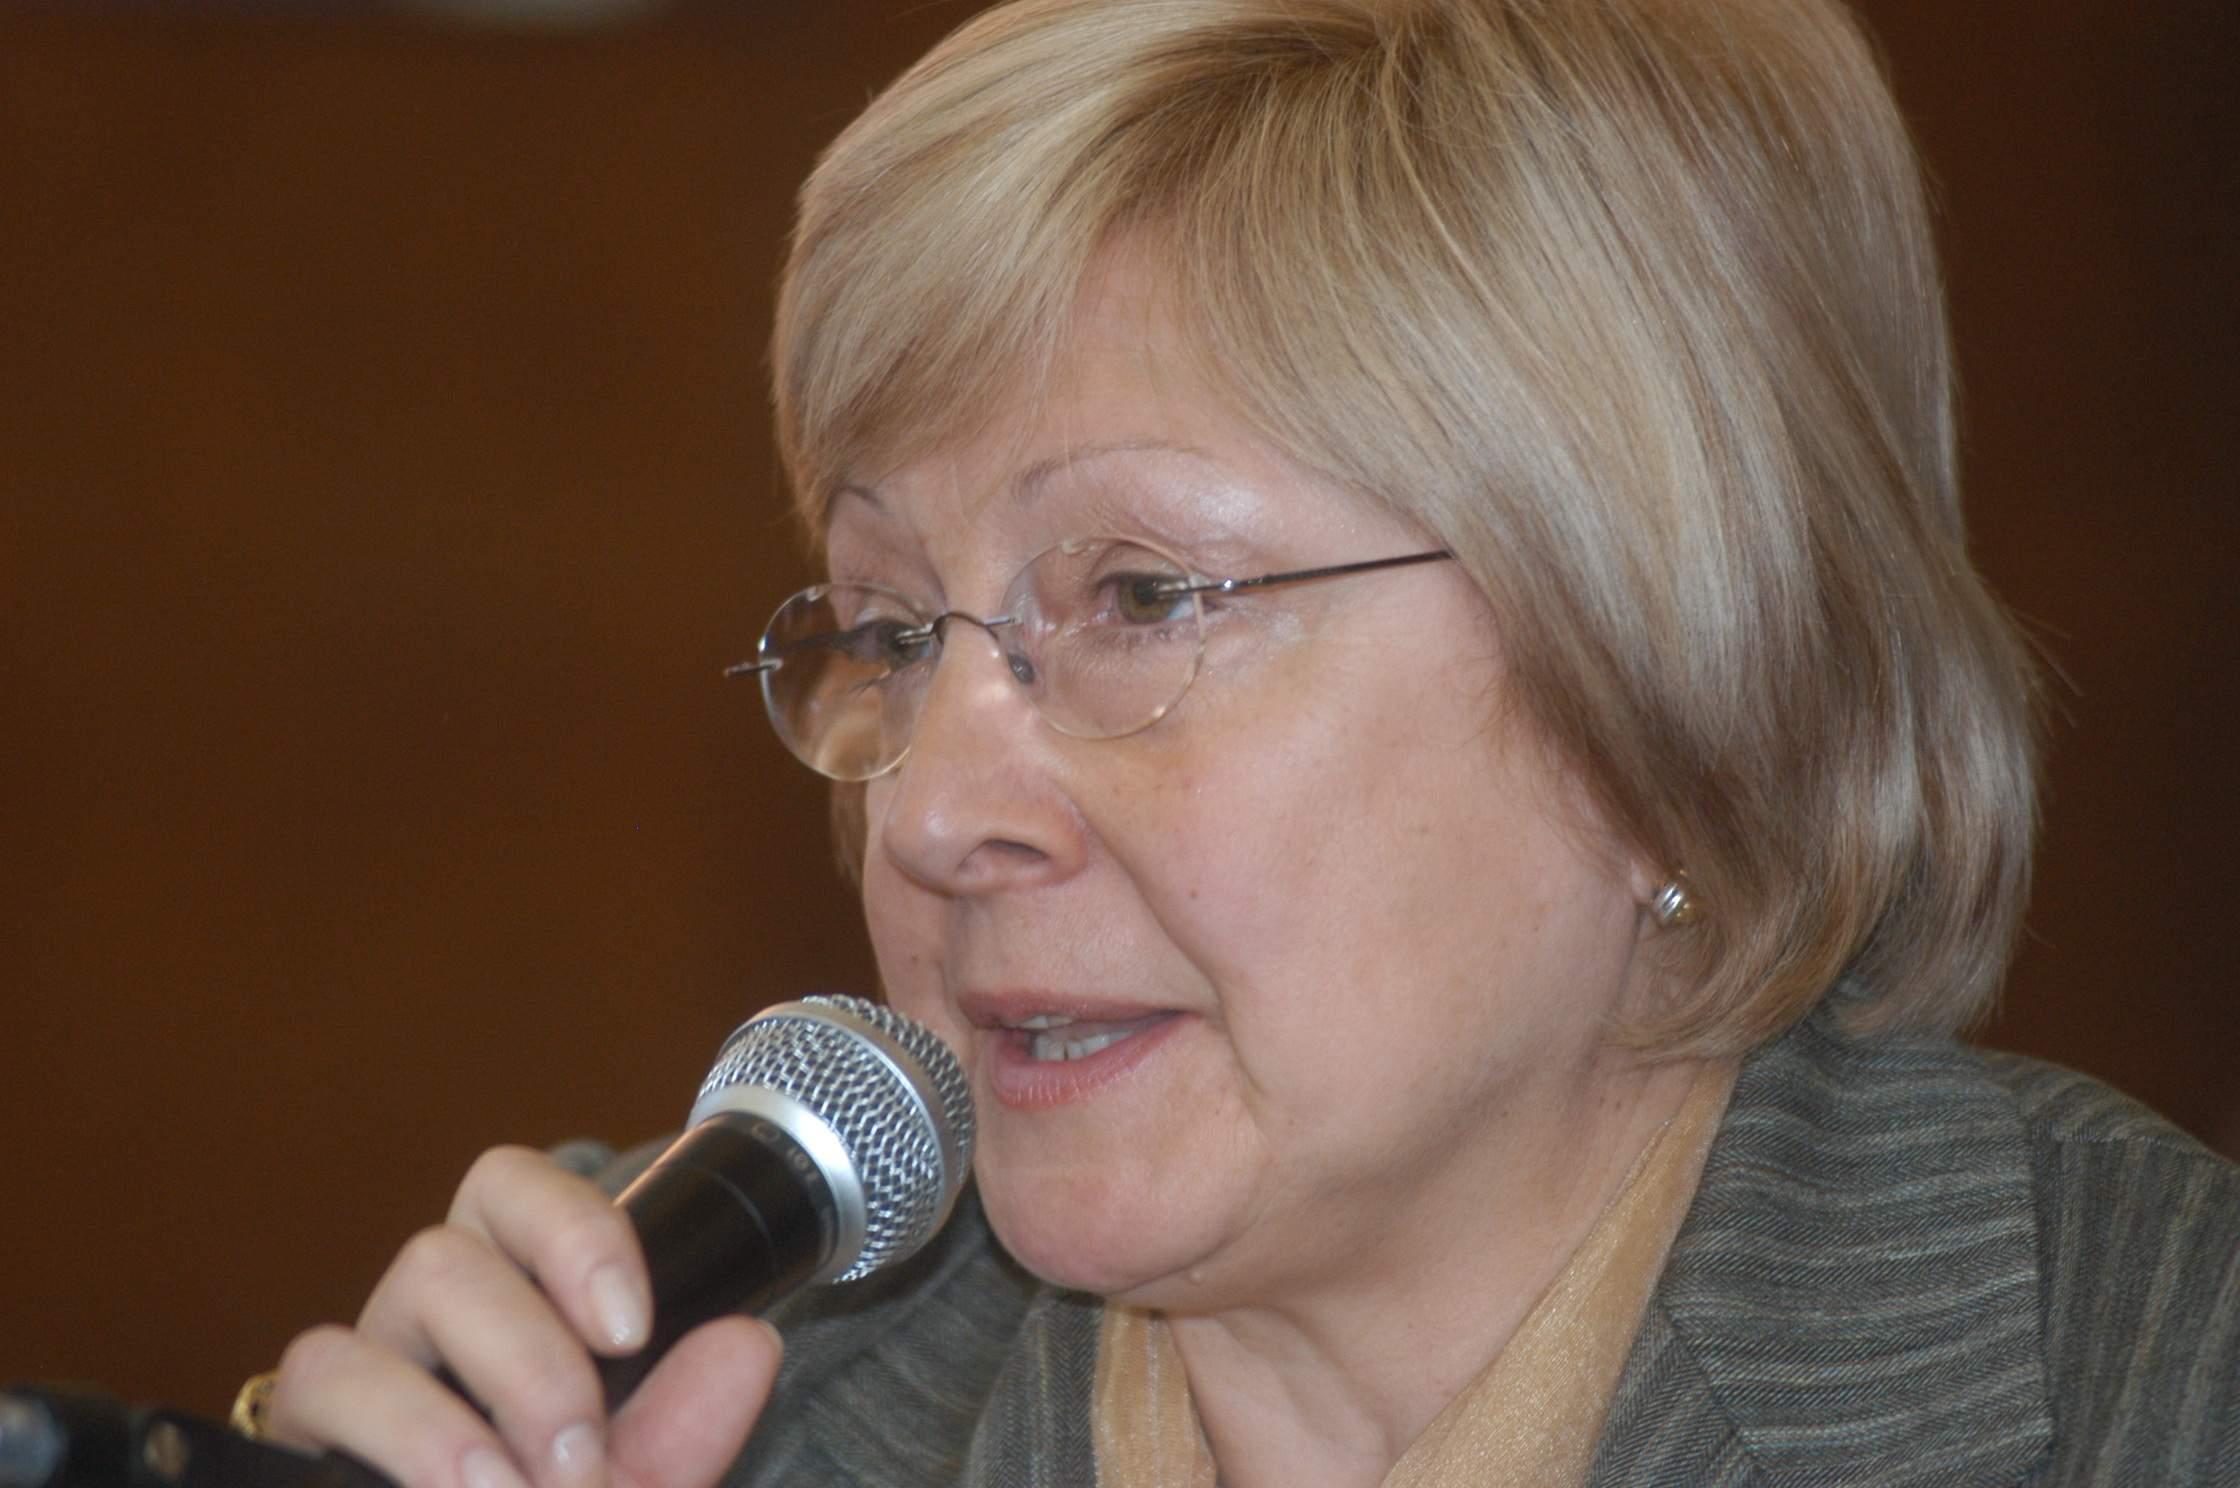 La ex defensora del Pueblo Beatriz Arza, fallecida el 9 de agosto de 2013, fue una de las primeras impulsoras de la recategorización.